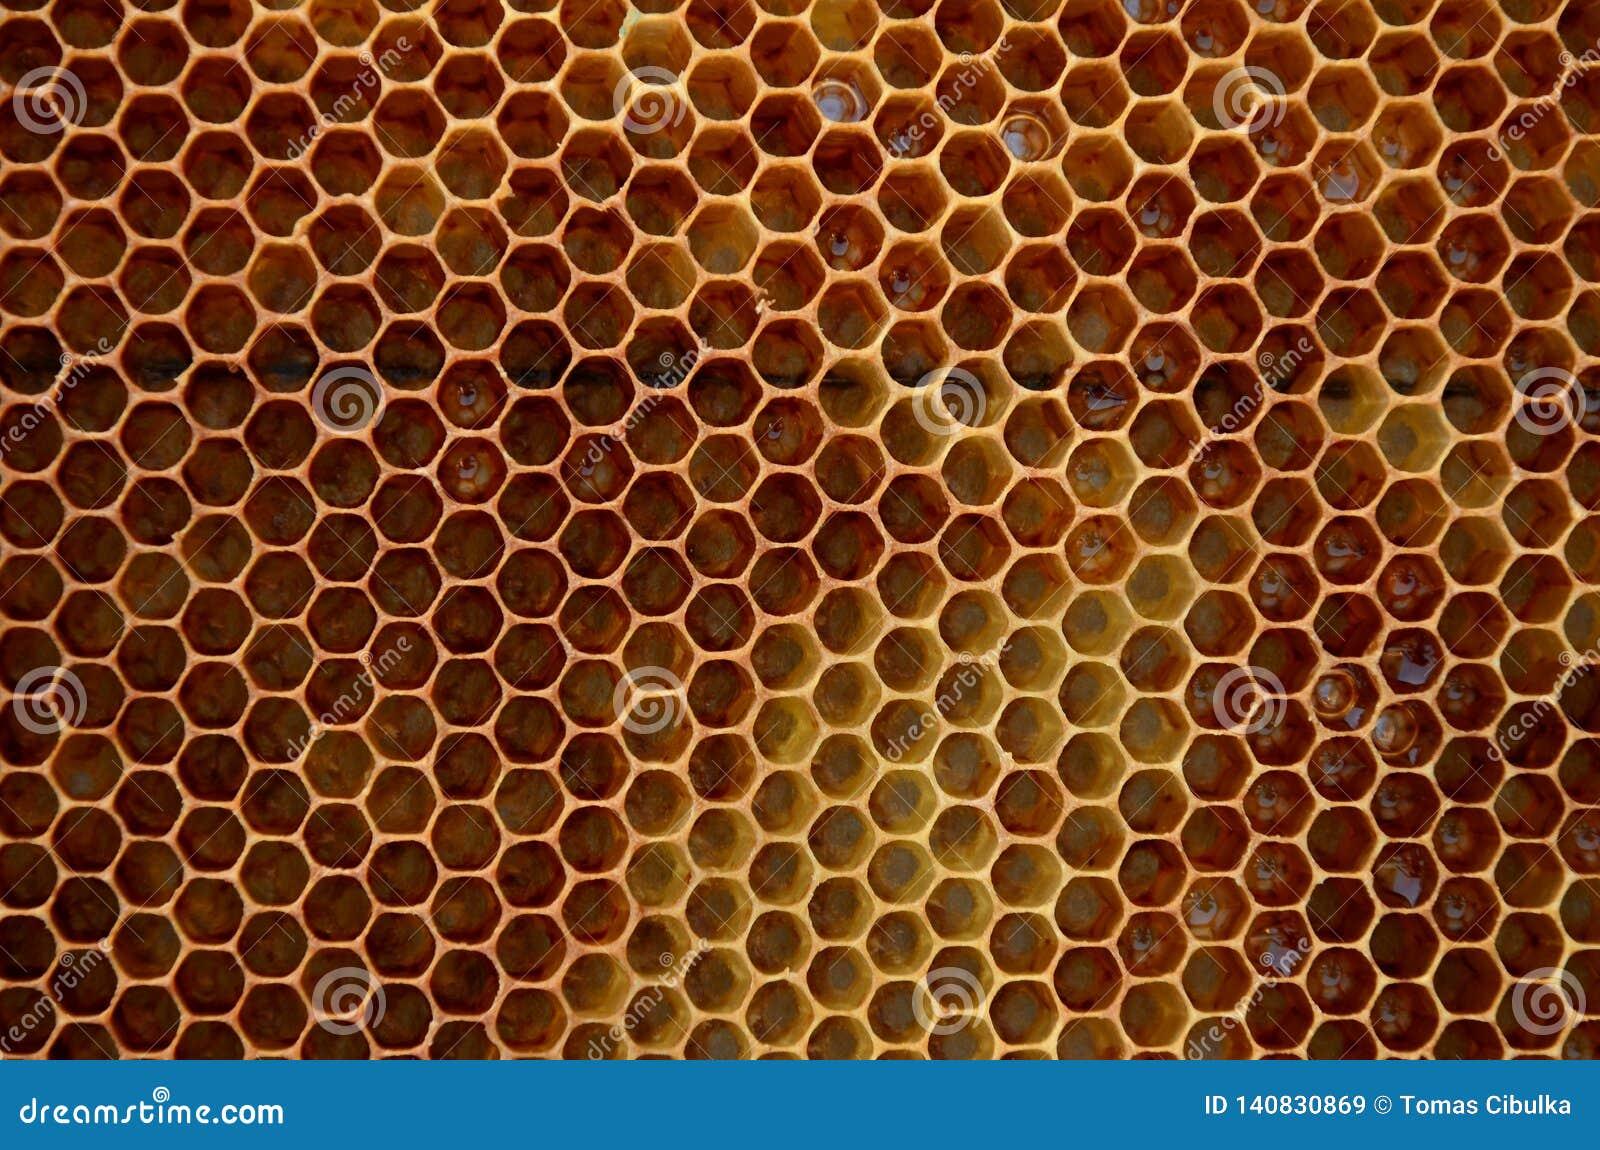 Gelb-braune Hexagone der Bienenwabe